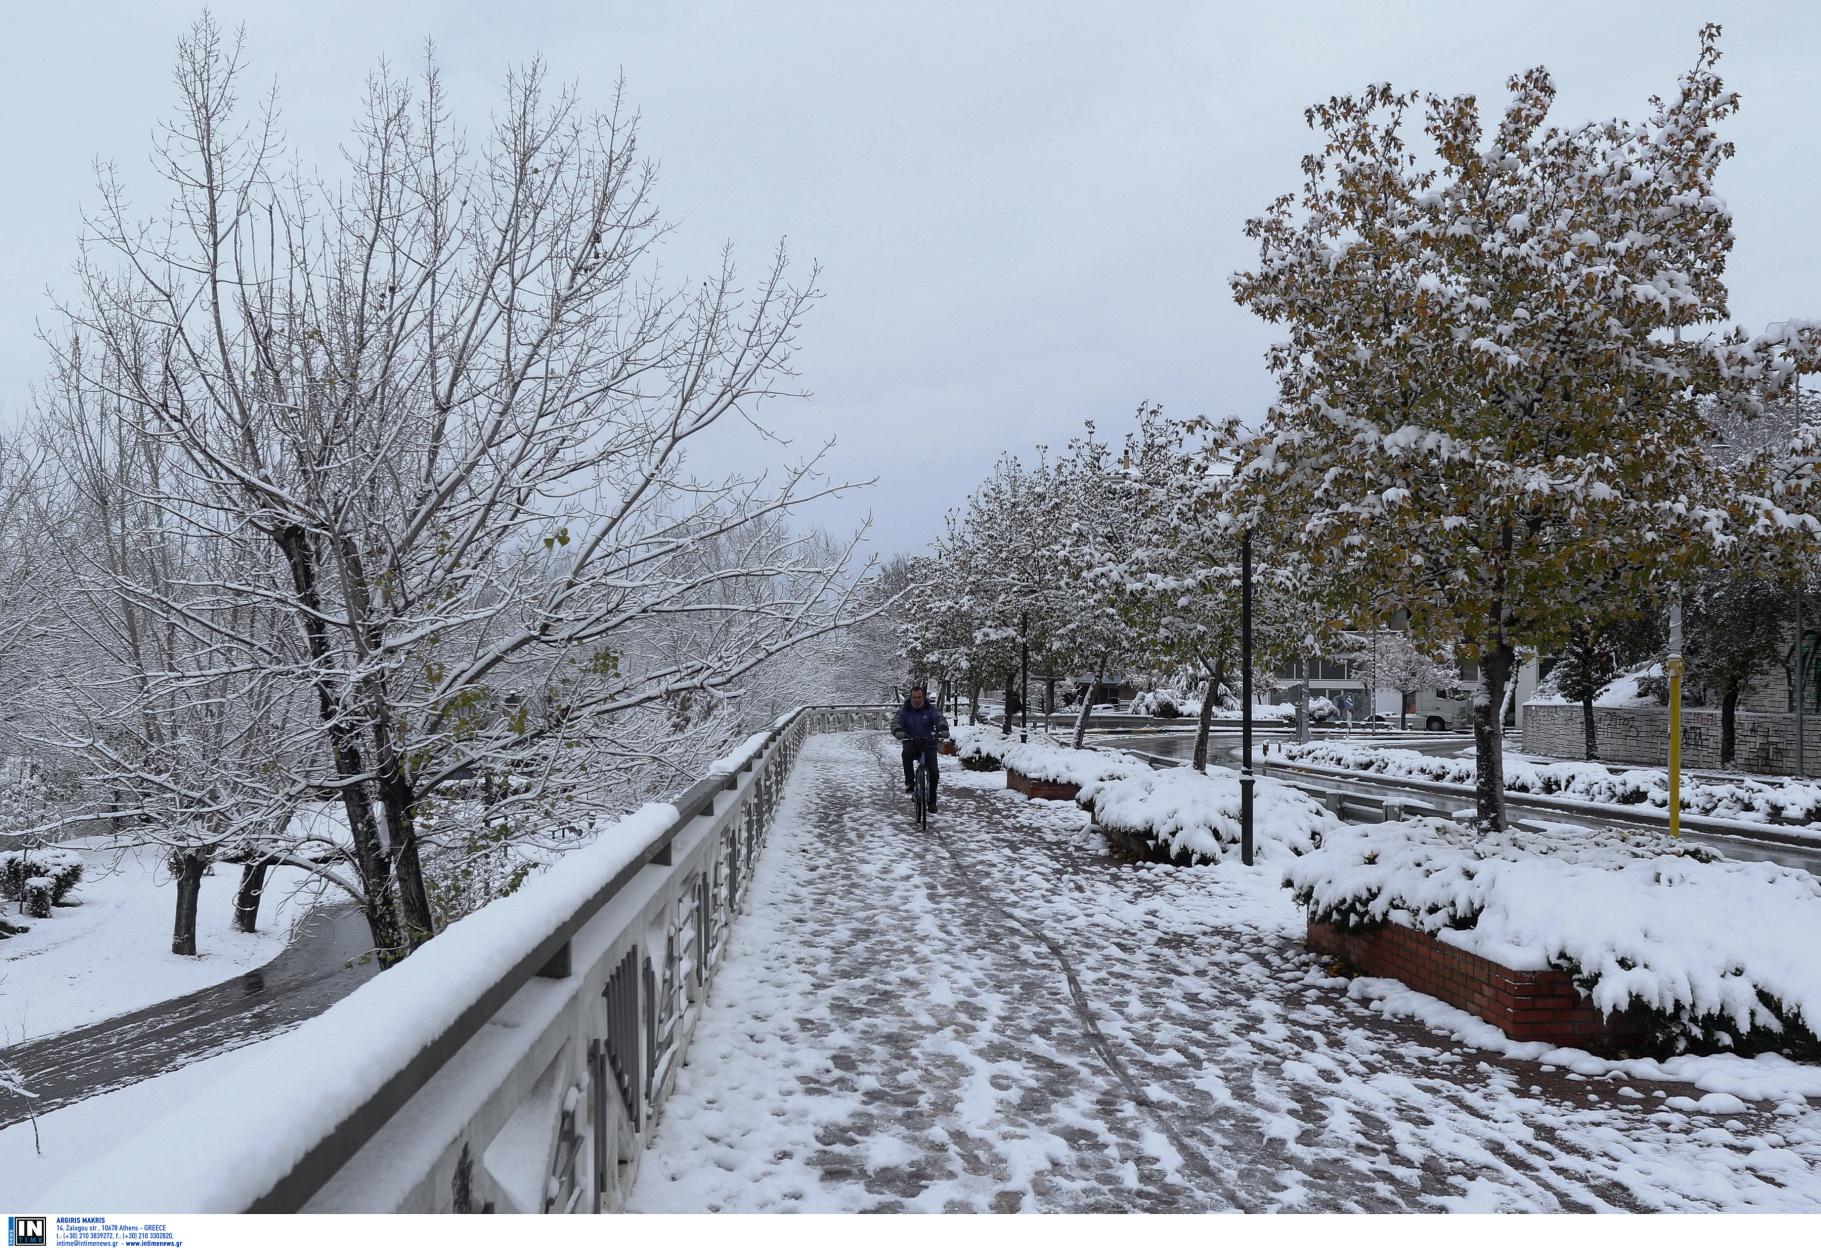 Καιρός – meteo: Ελάχιστο χιόνι στην Ελλάδα στις αρχές του 2021